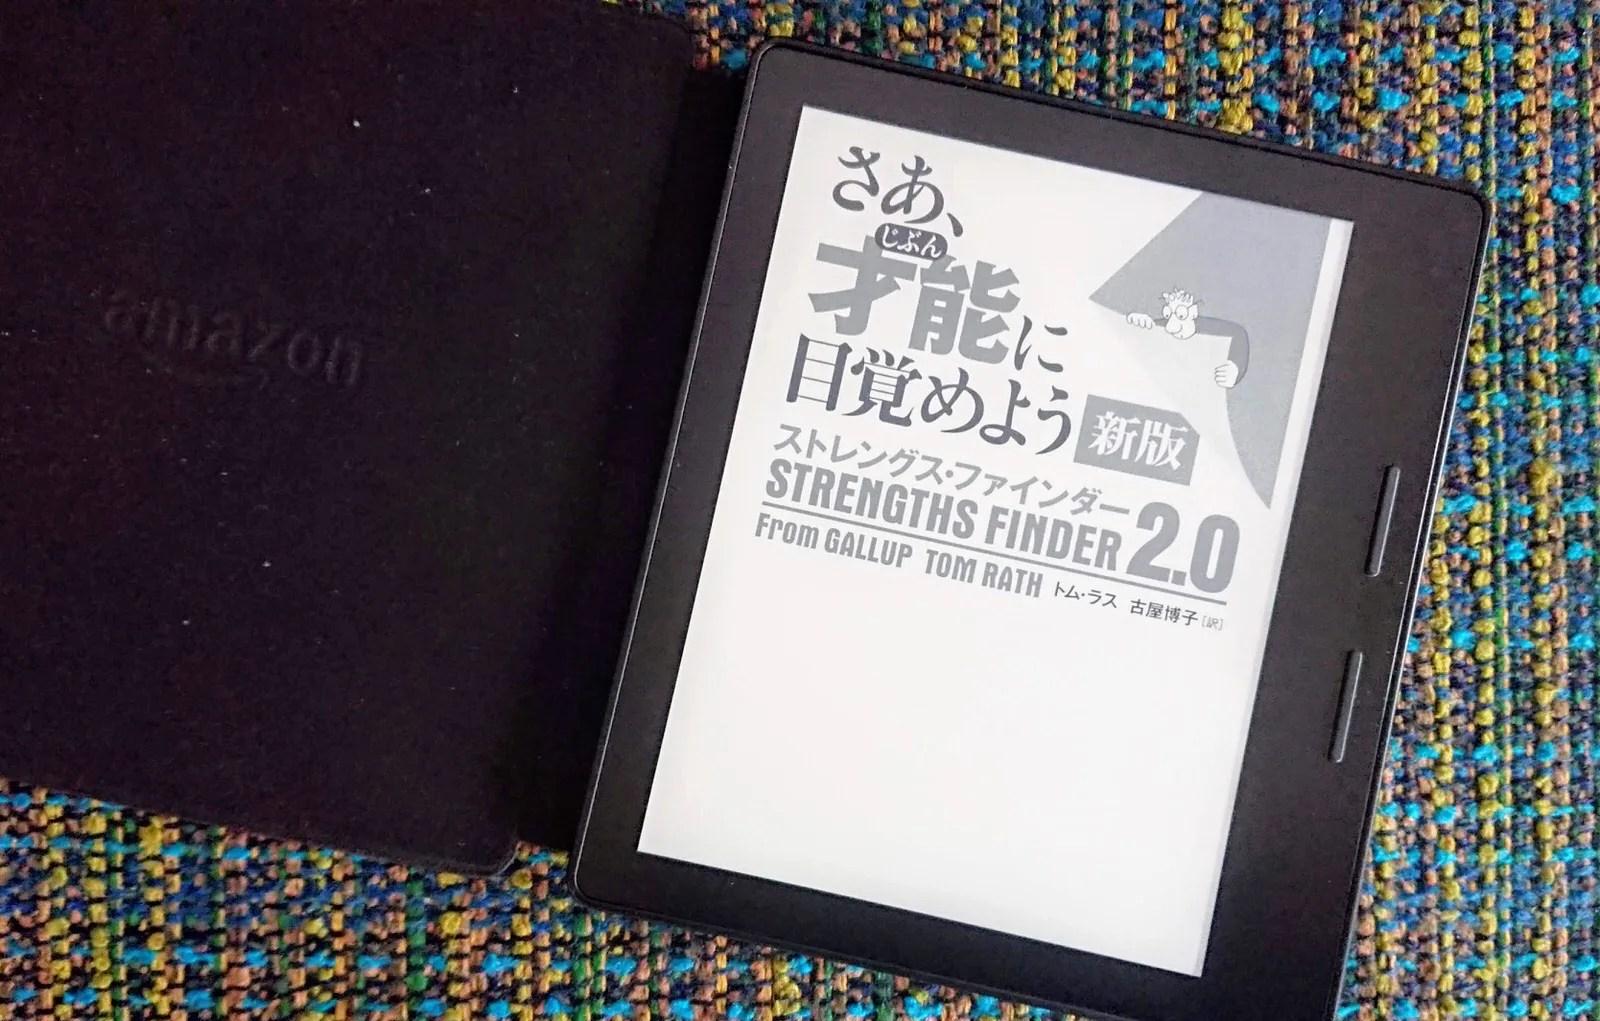 ストレングスファインダー 電子書籍 kindle